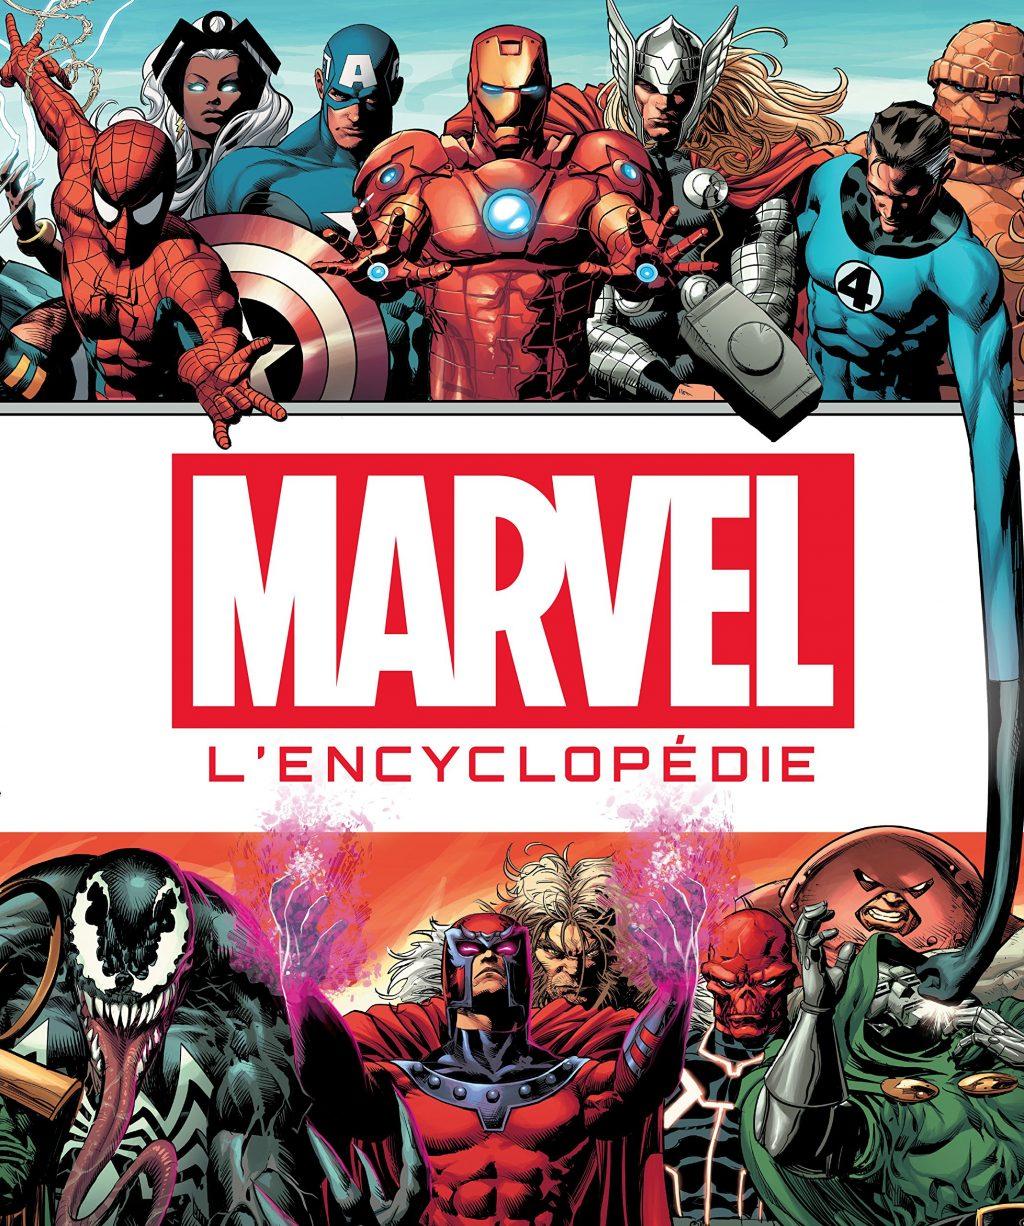 Marvel l'encyclopédie couverture